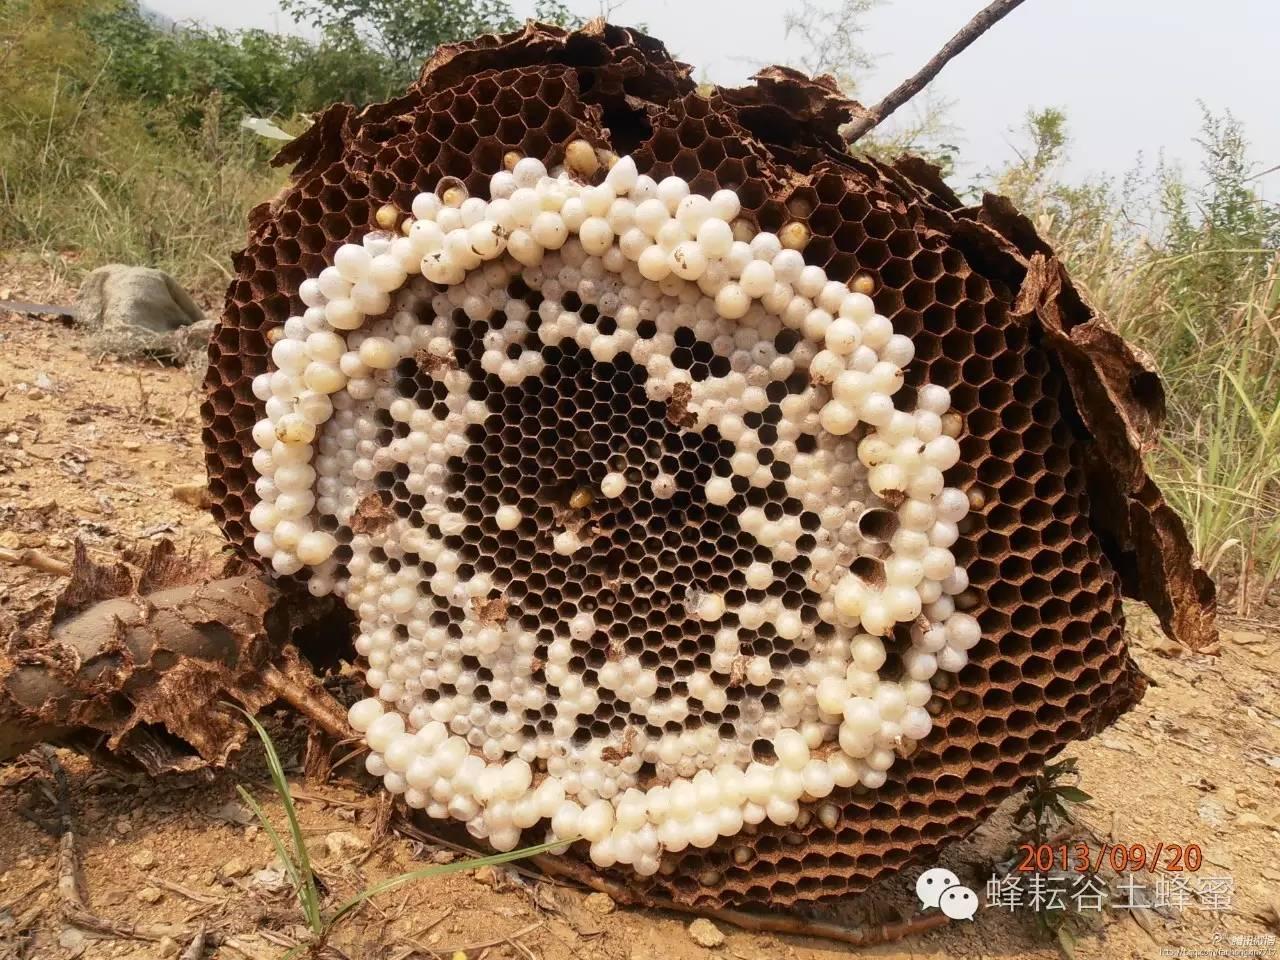 蜂蜜泡酒 乌发 蜂蜜美容 蜂蜜柠檬水的功效 蜂蜜花生米